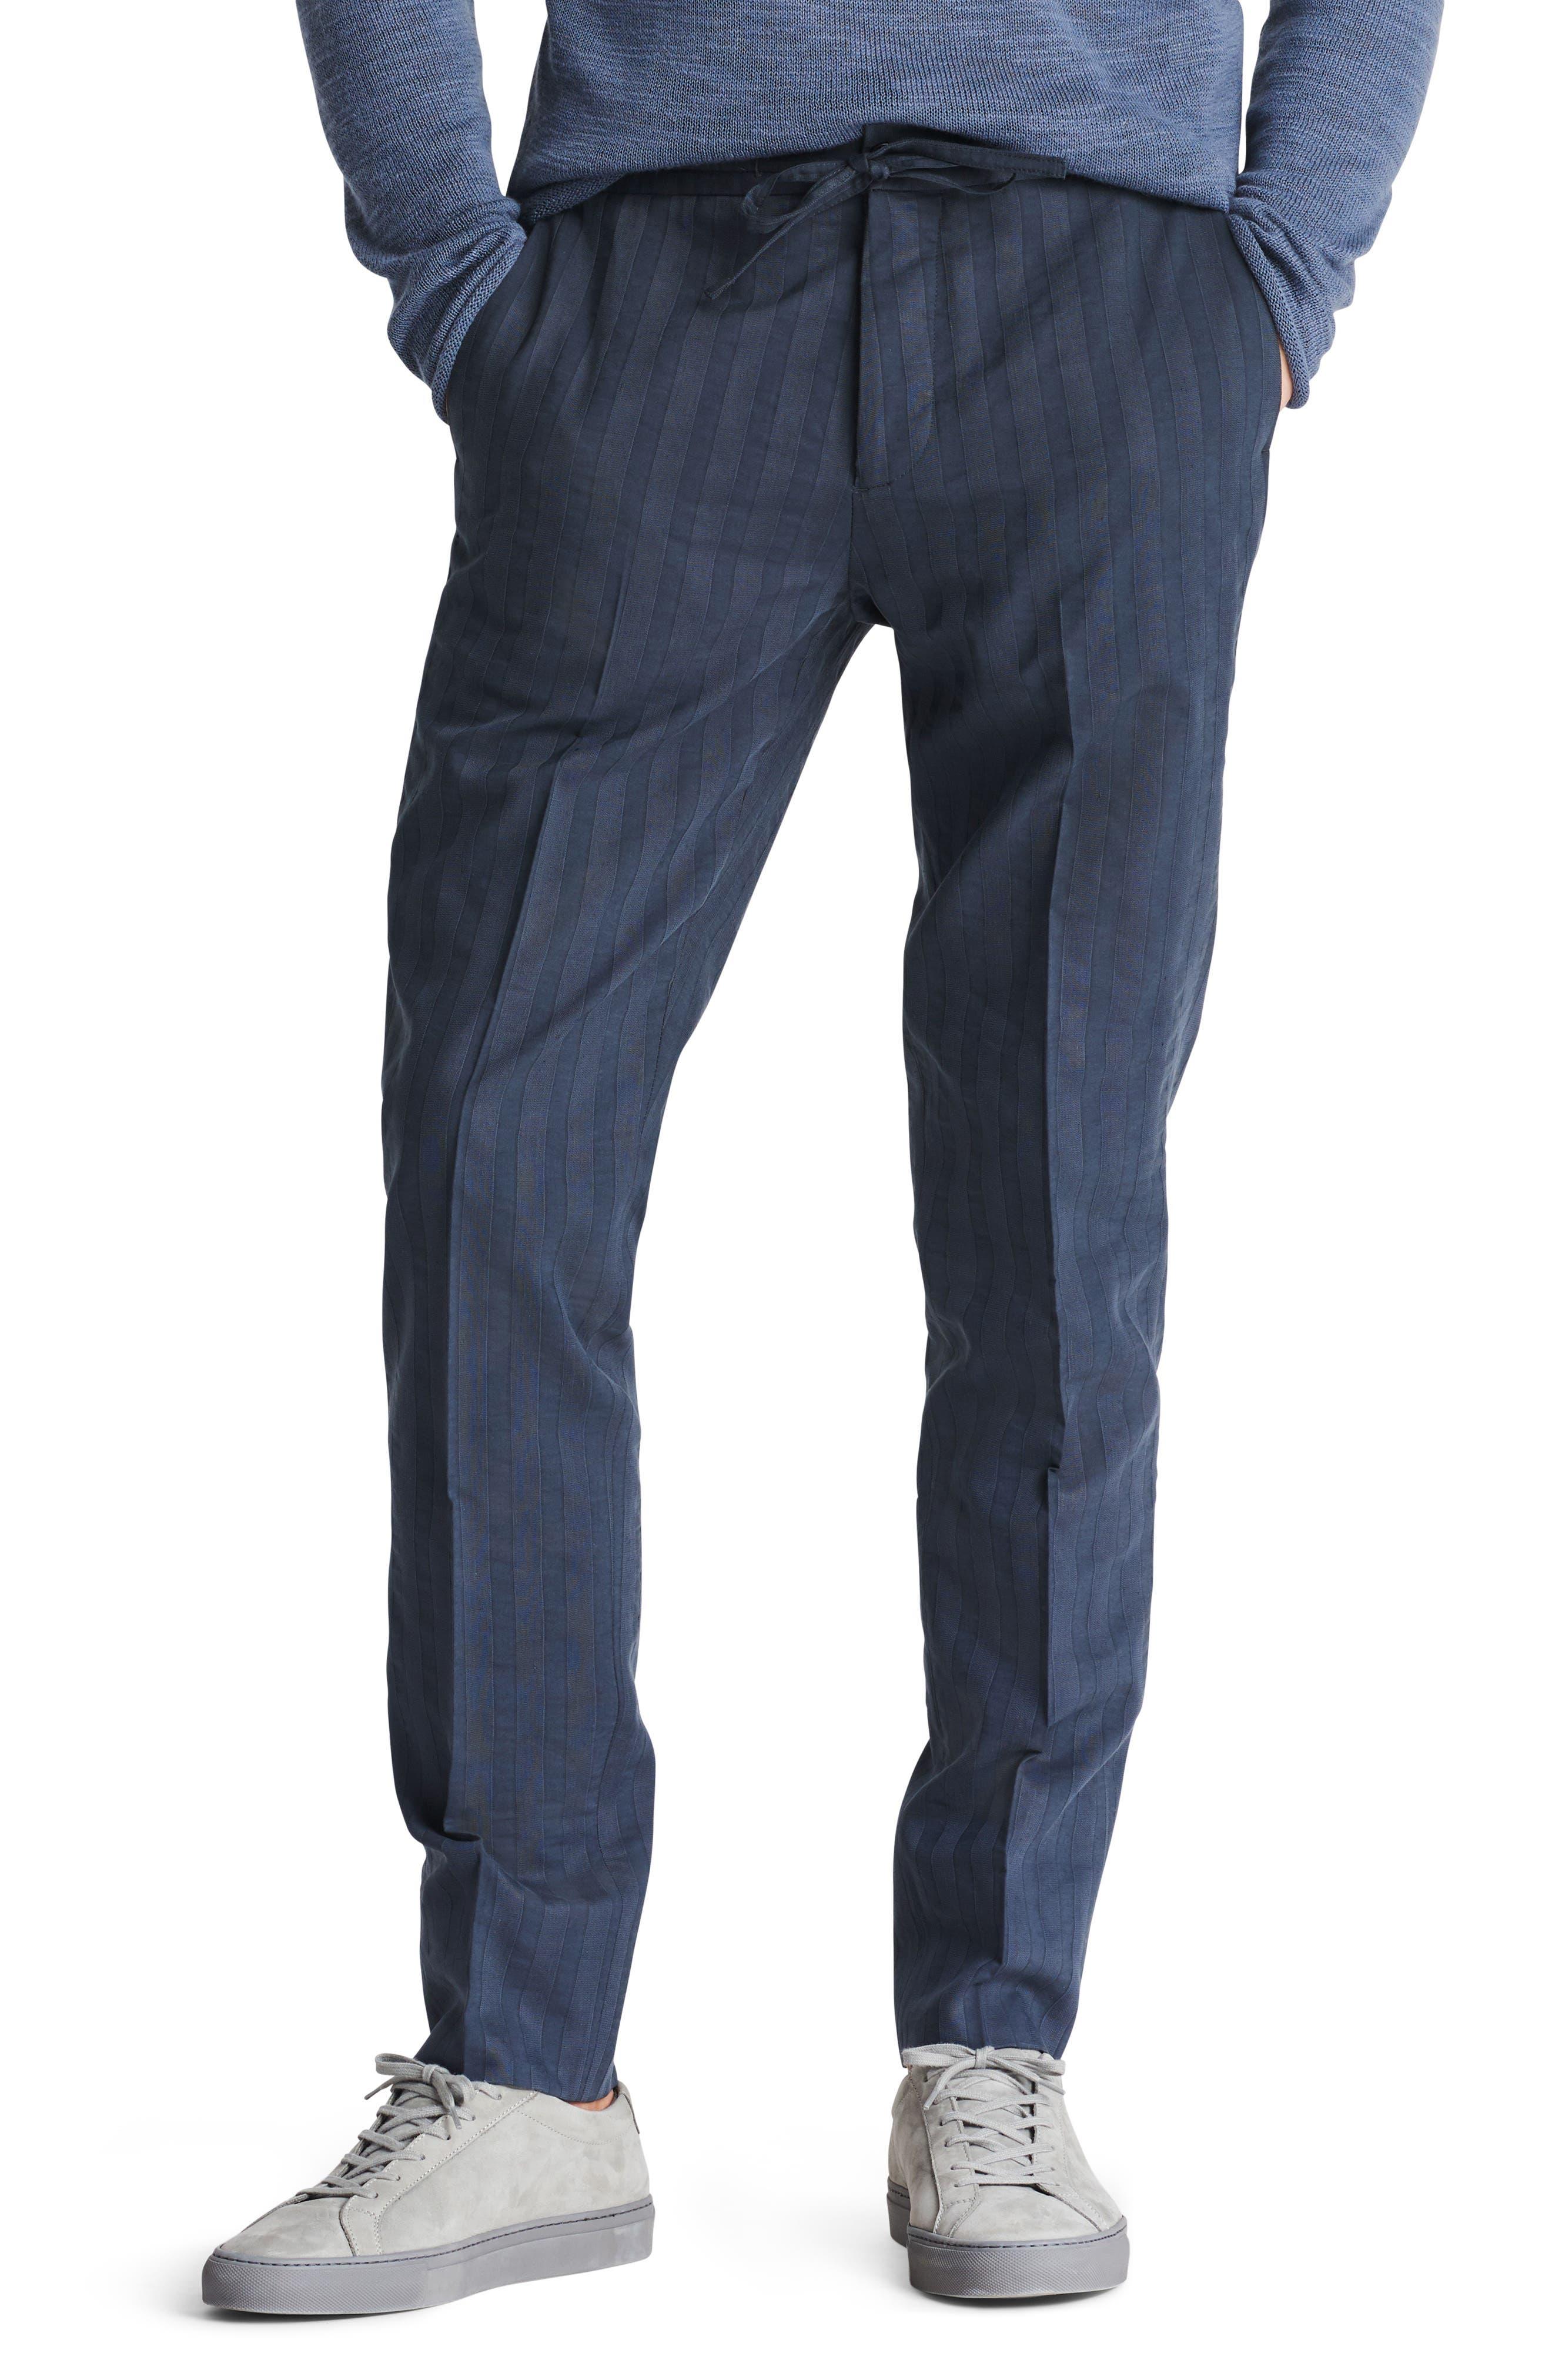 Flat Front Cotton & Linen Blend Trousers,                             Main thumbnail 1, color,                             004